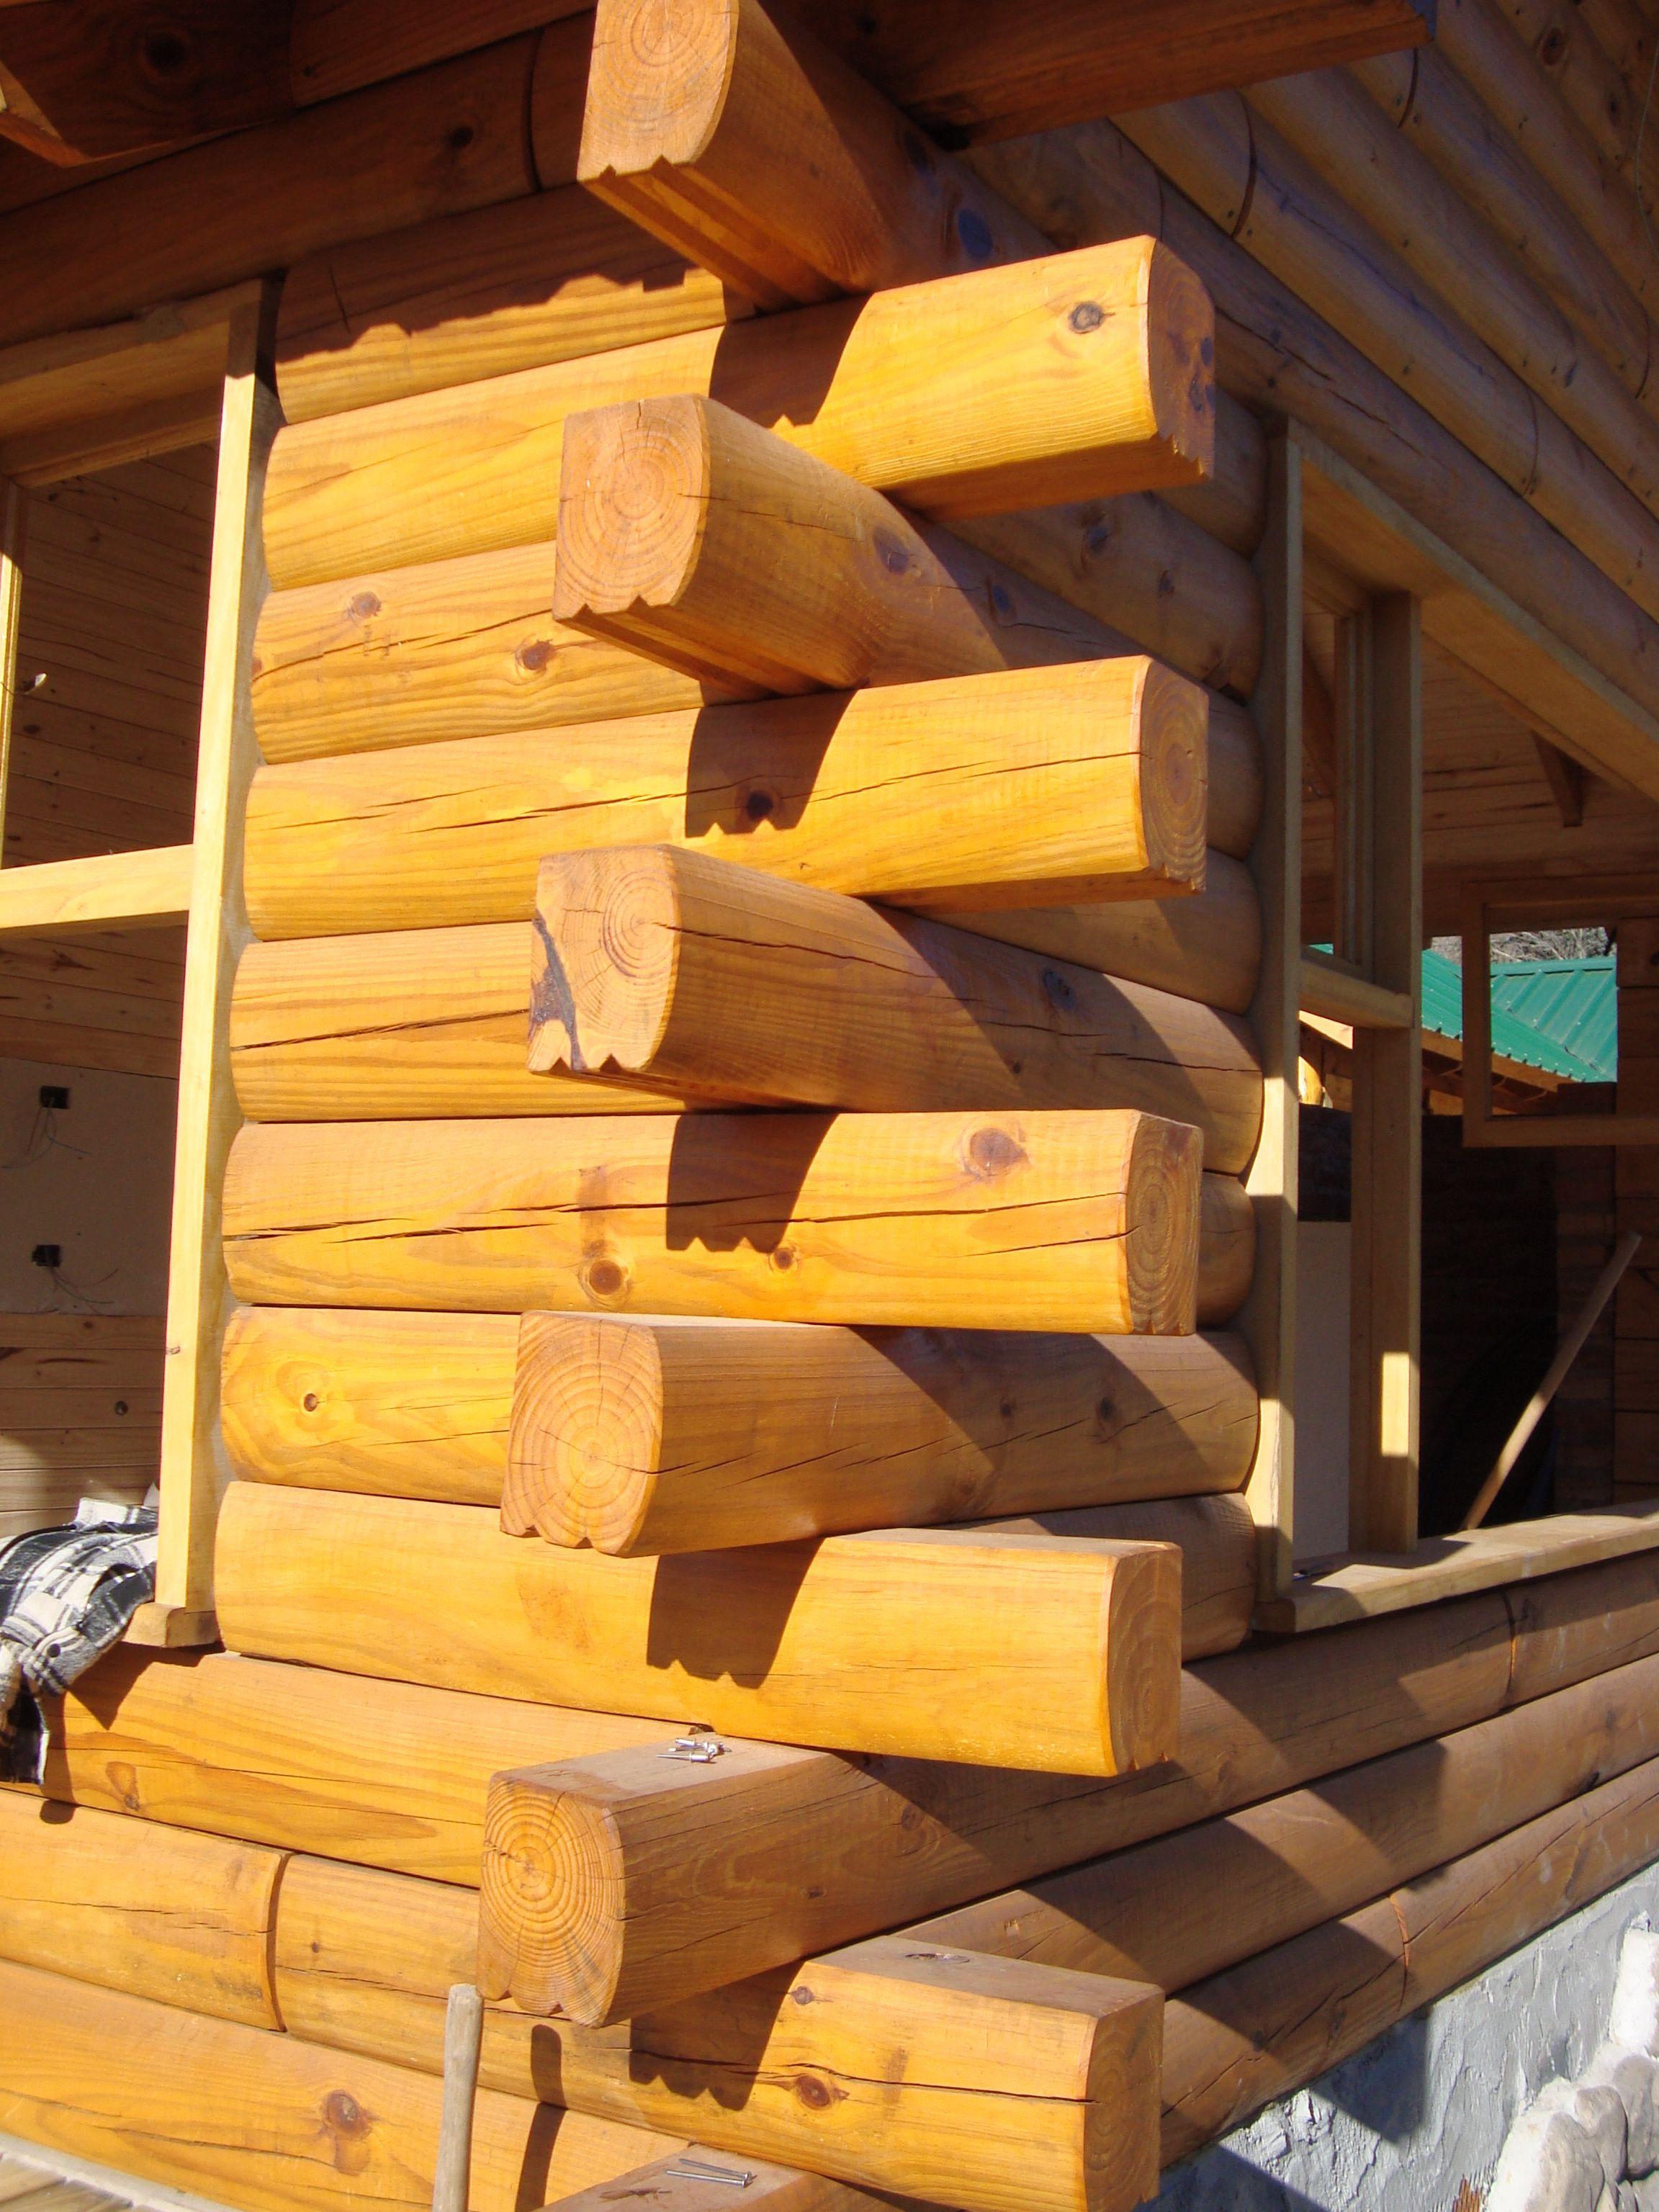 Pared de troncos macizos los troncos de 15 x 20 cm son de pino elliotti o taeda provenientes - Cabanas de madera los pinos ...